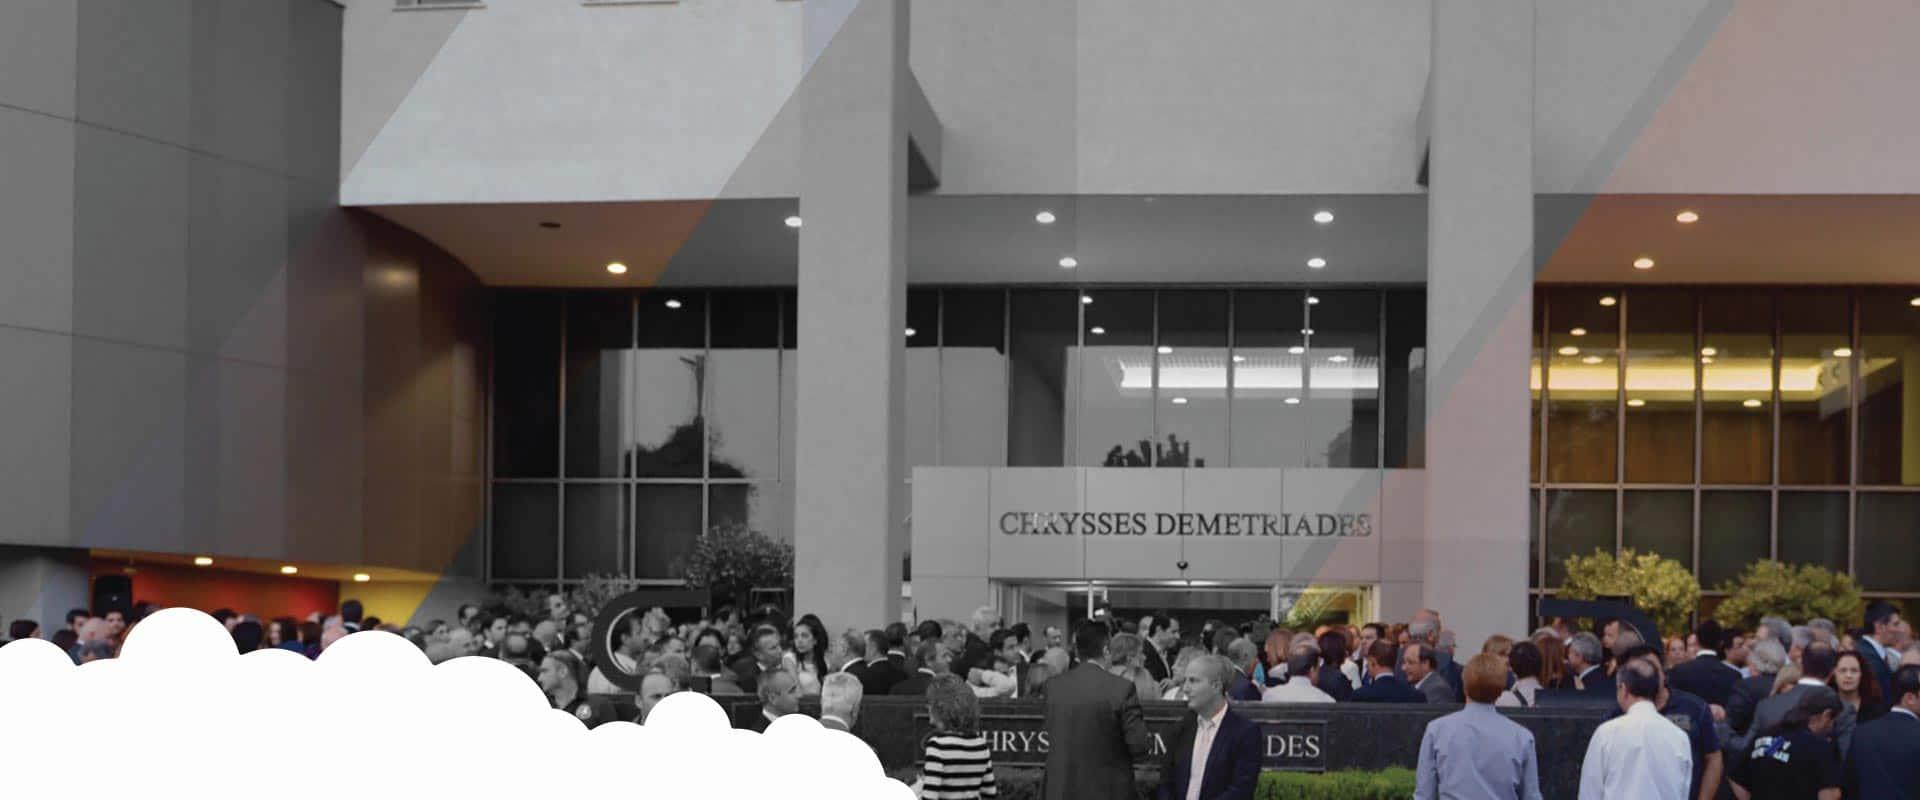 Demetriades law firm website